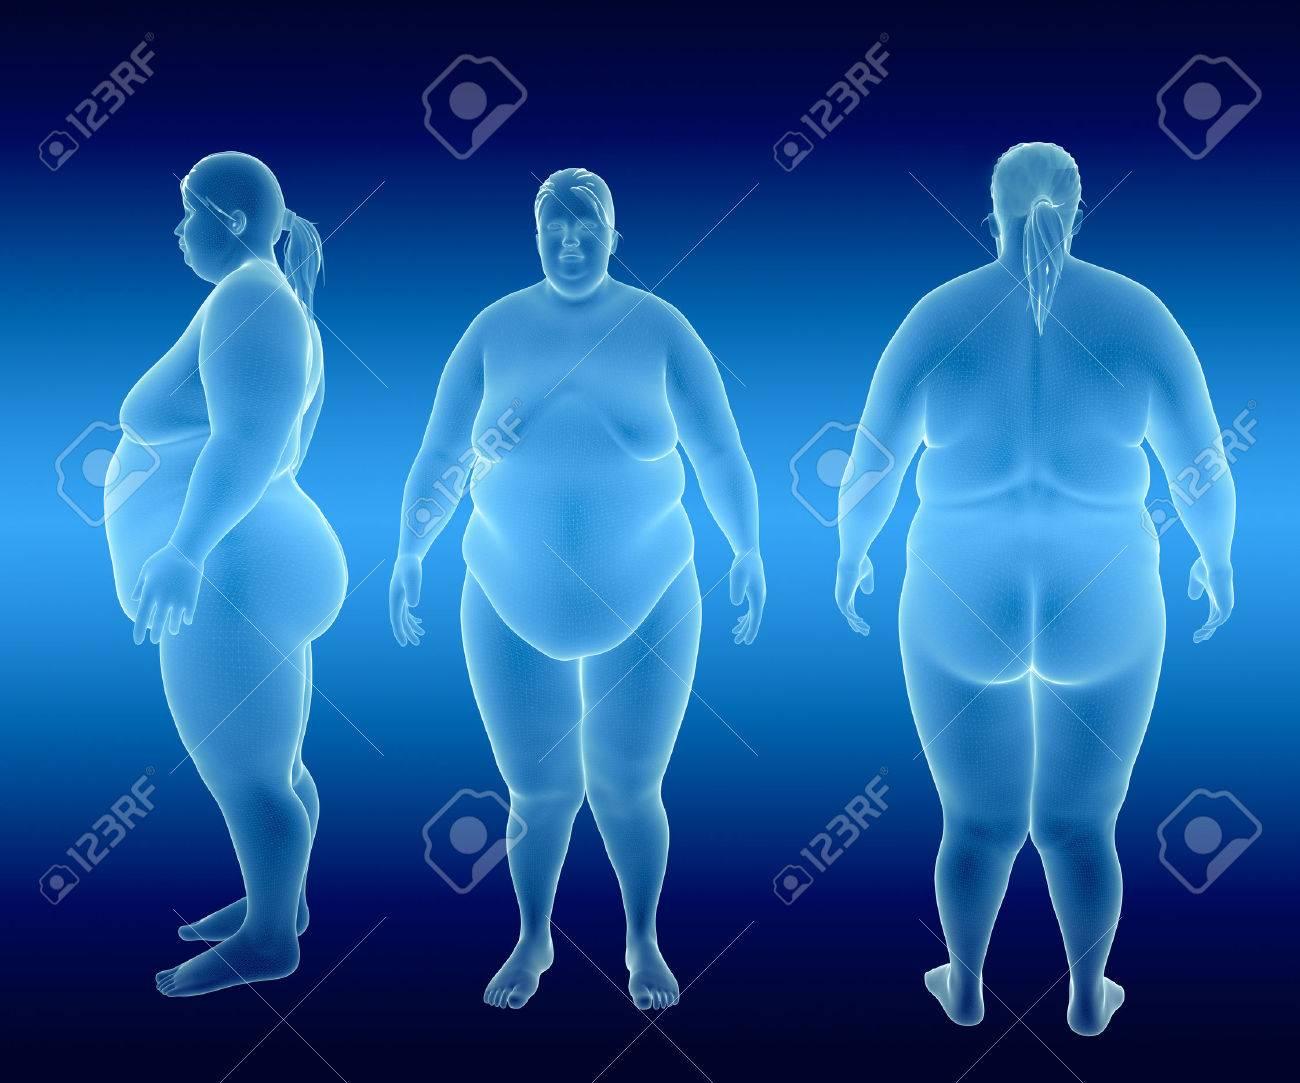 Render Ilustración De Mujer Obesa Fotos, Retratos, Imágenes Y ...